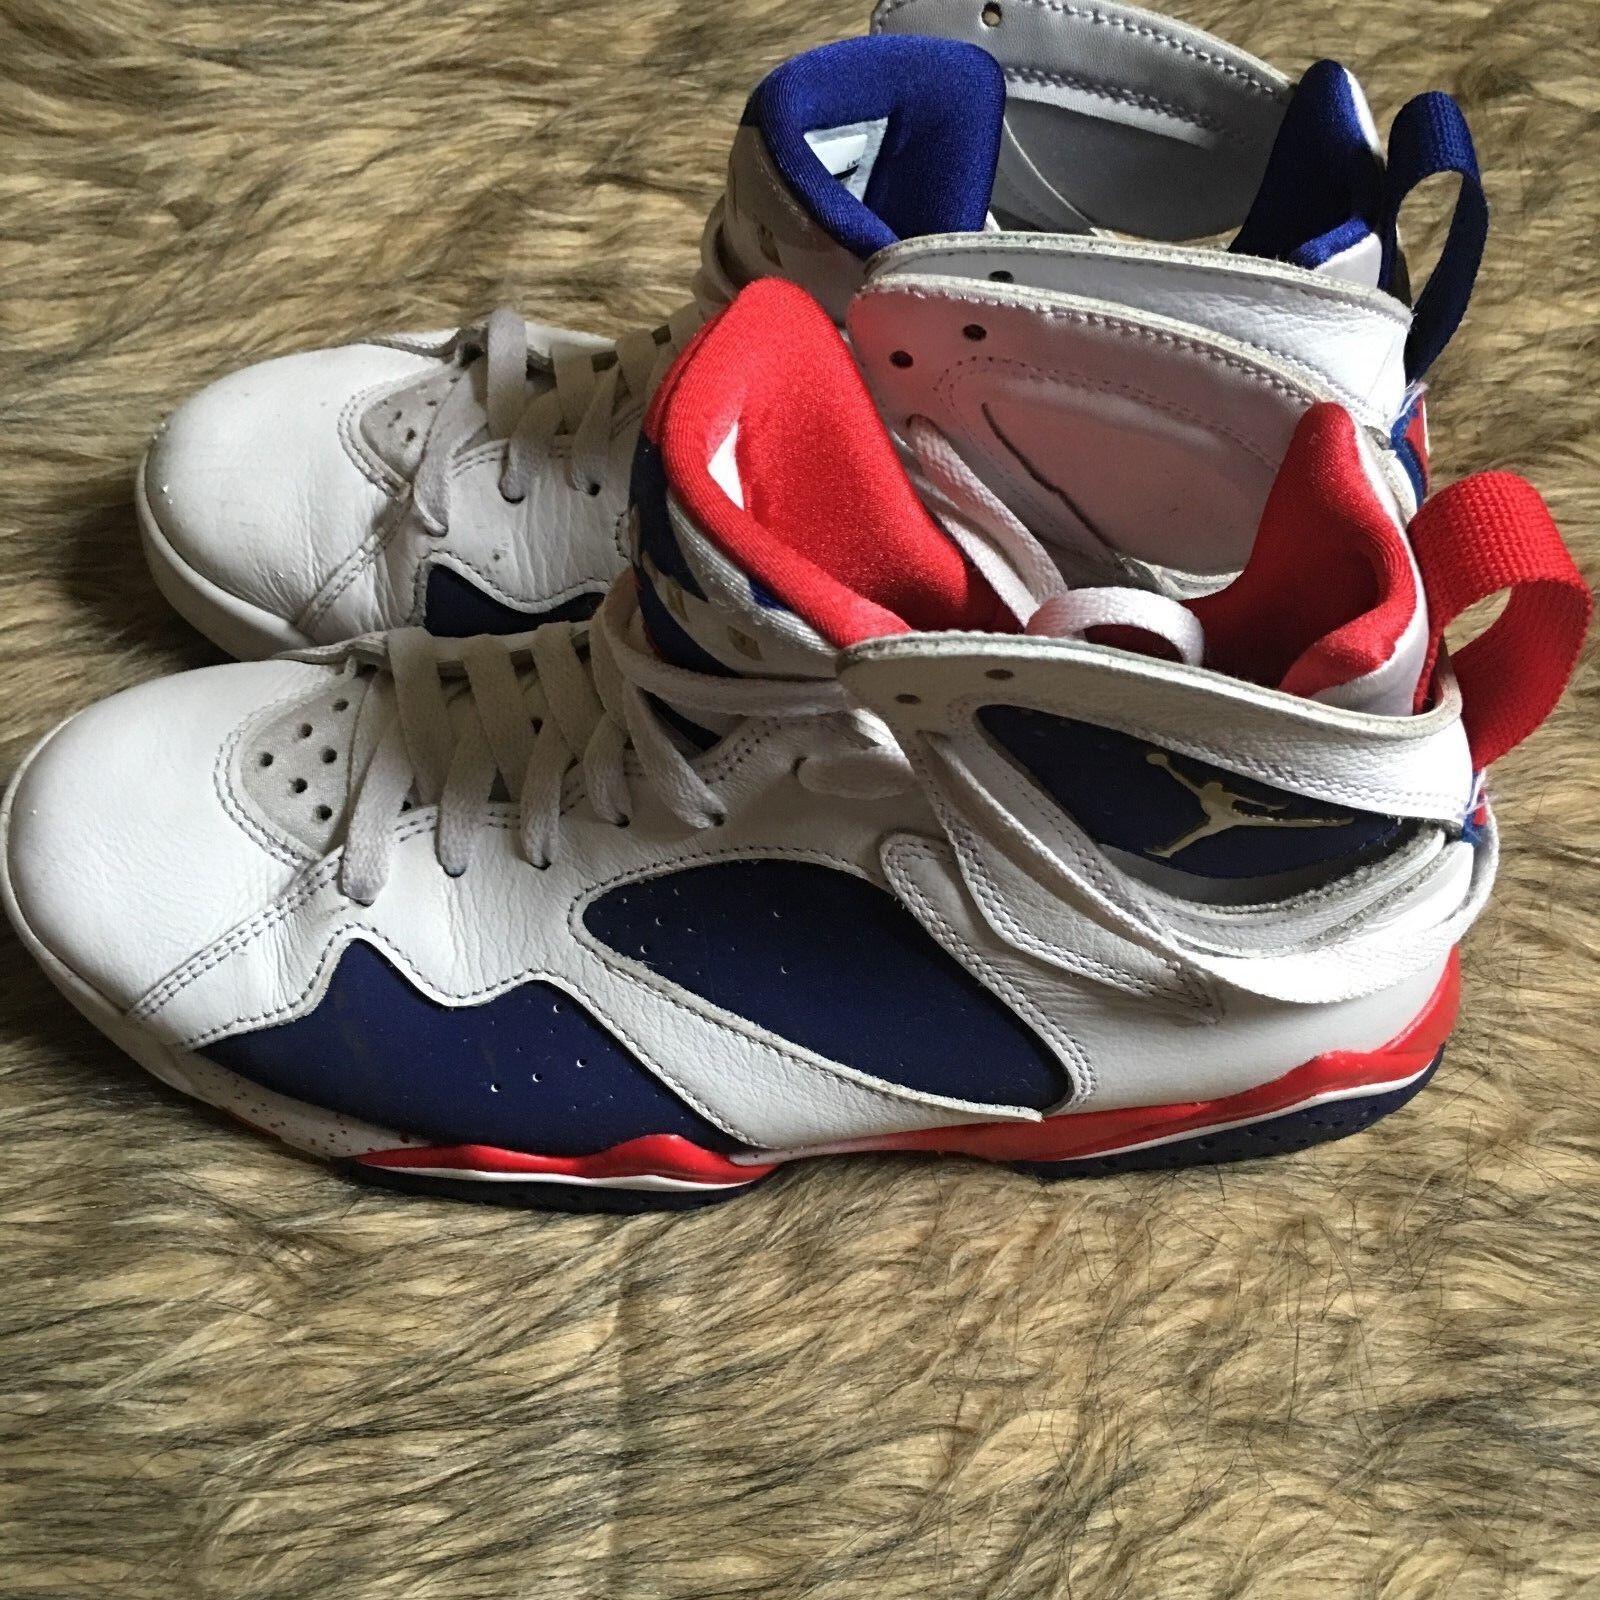 Men's Nike Air Jordan 7 Retro USA Olympic Alternate Tinker 304775-123 Comfortable Great discount